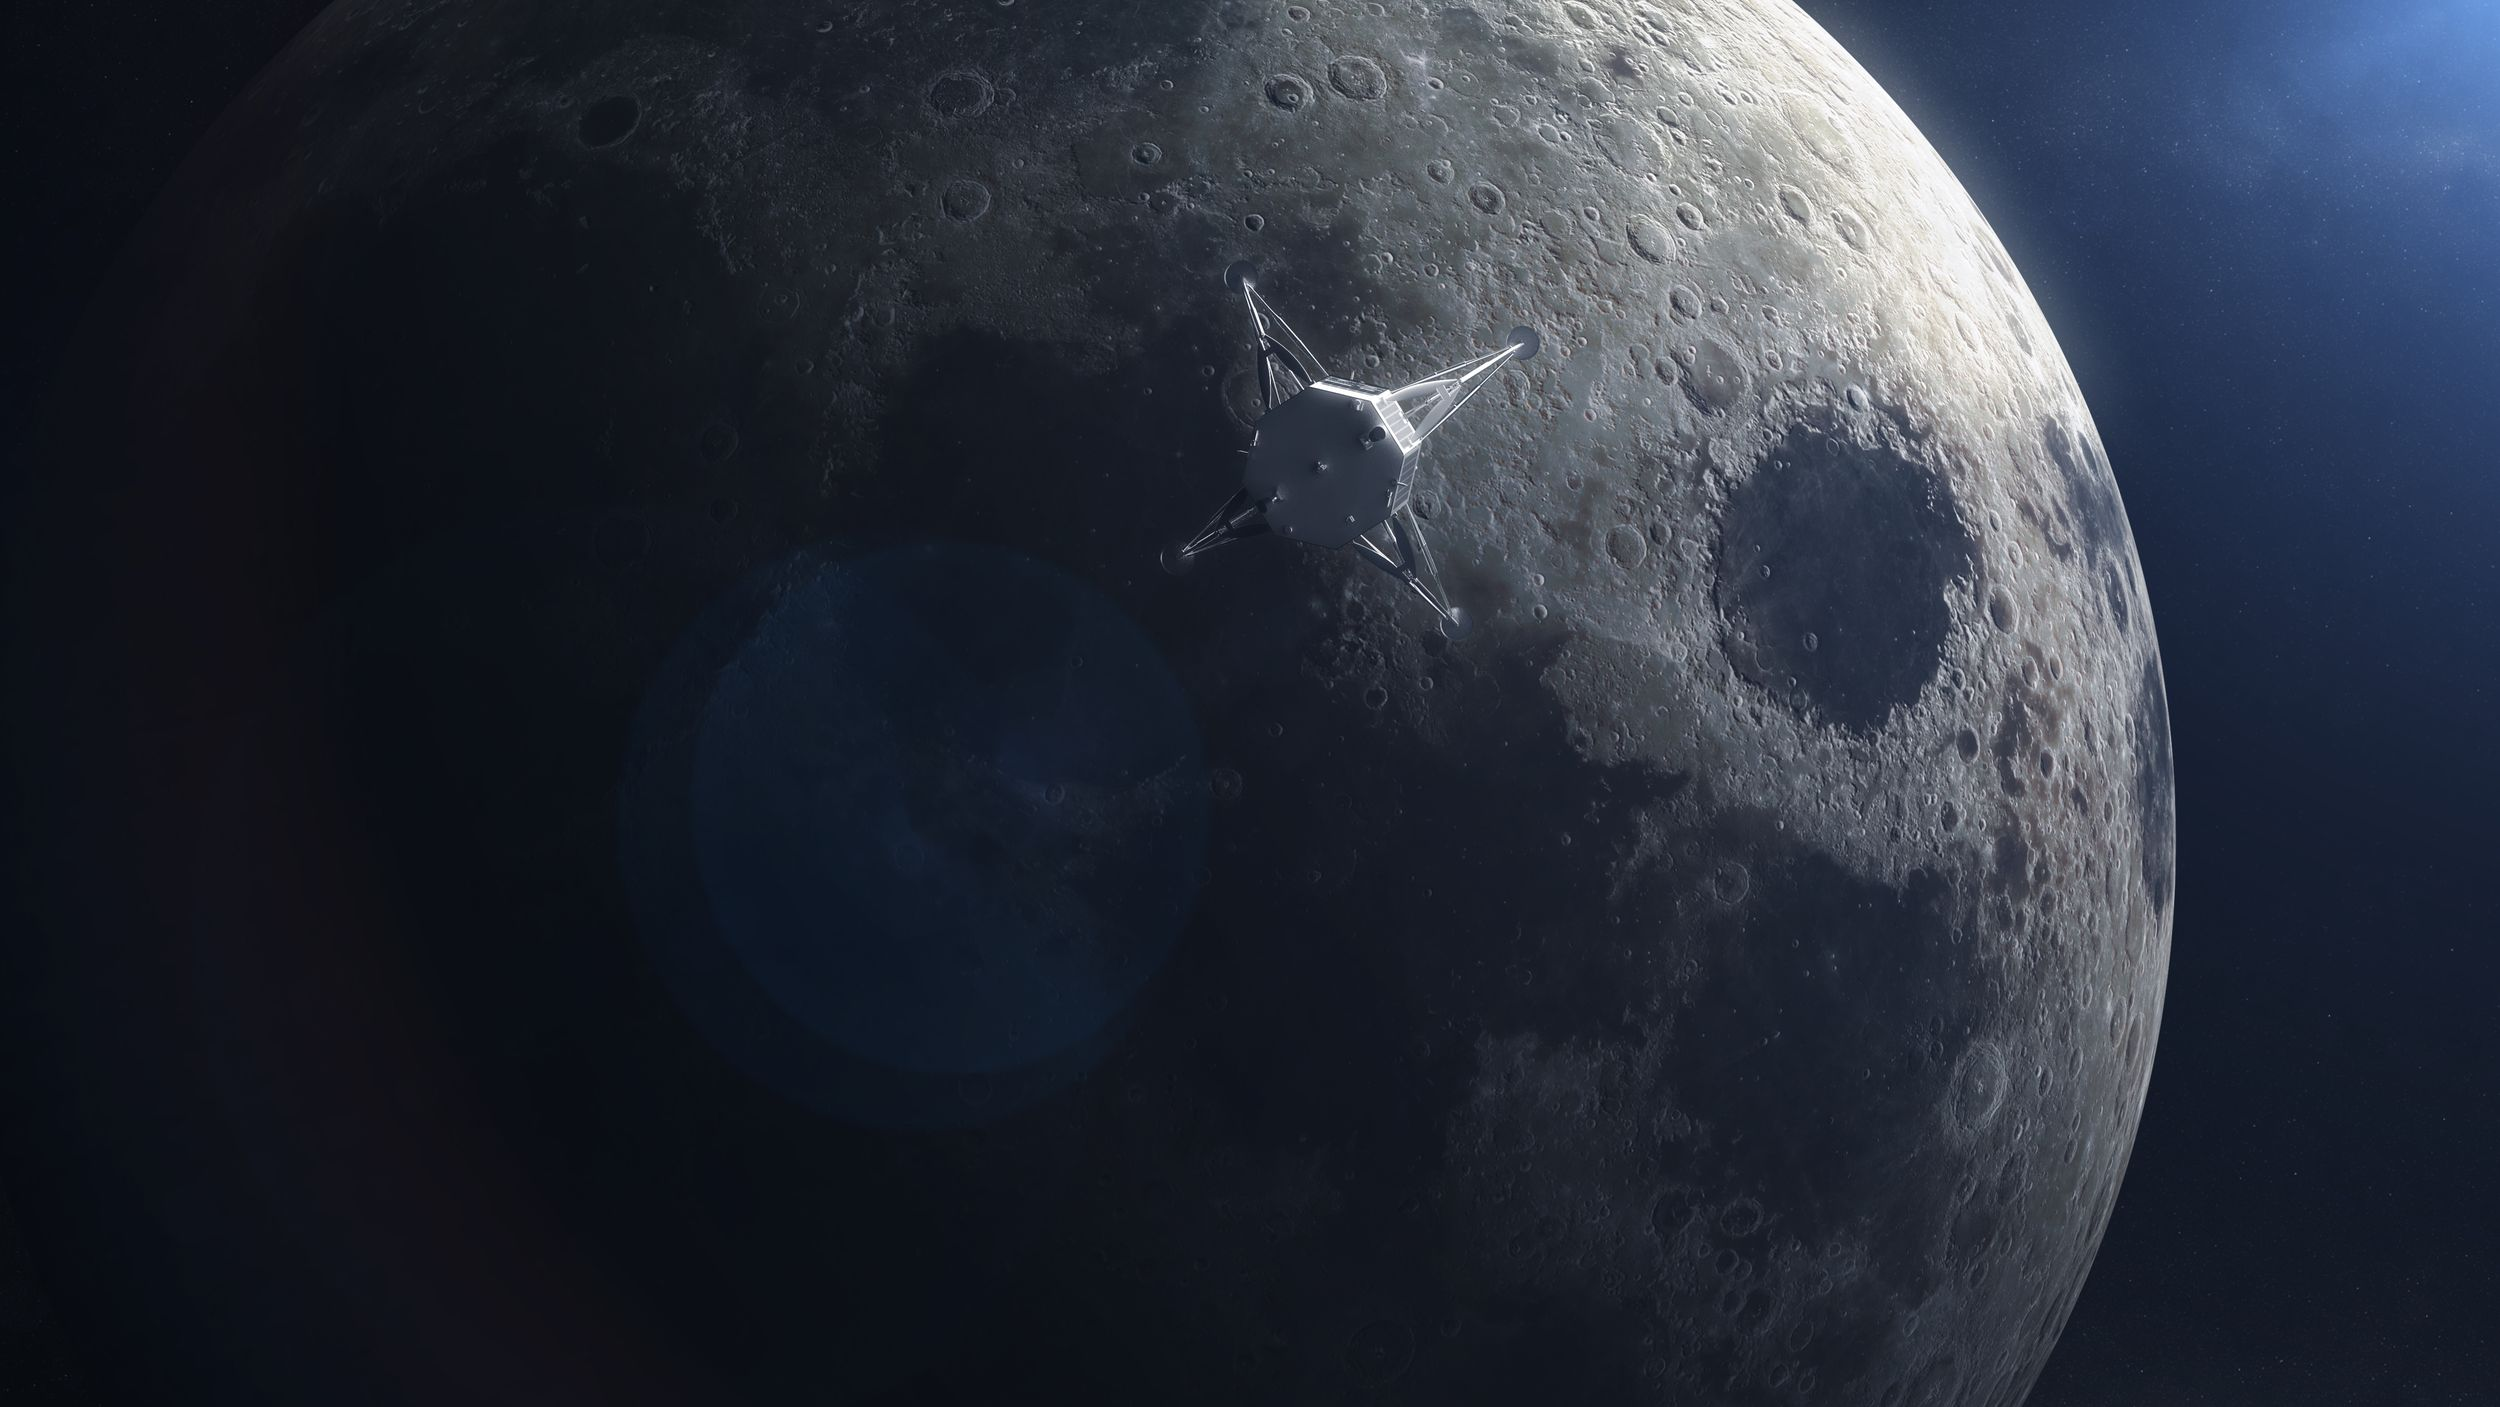 HAKUTO-R ispace Super Titanium lunar lander